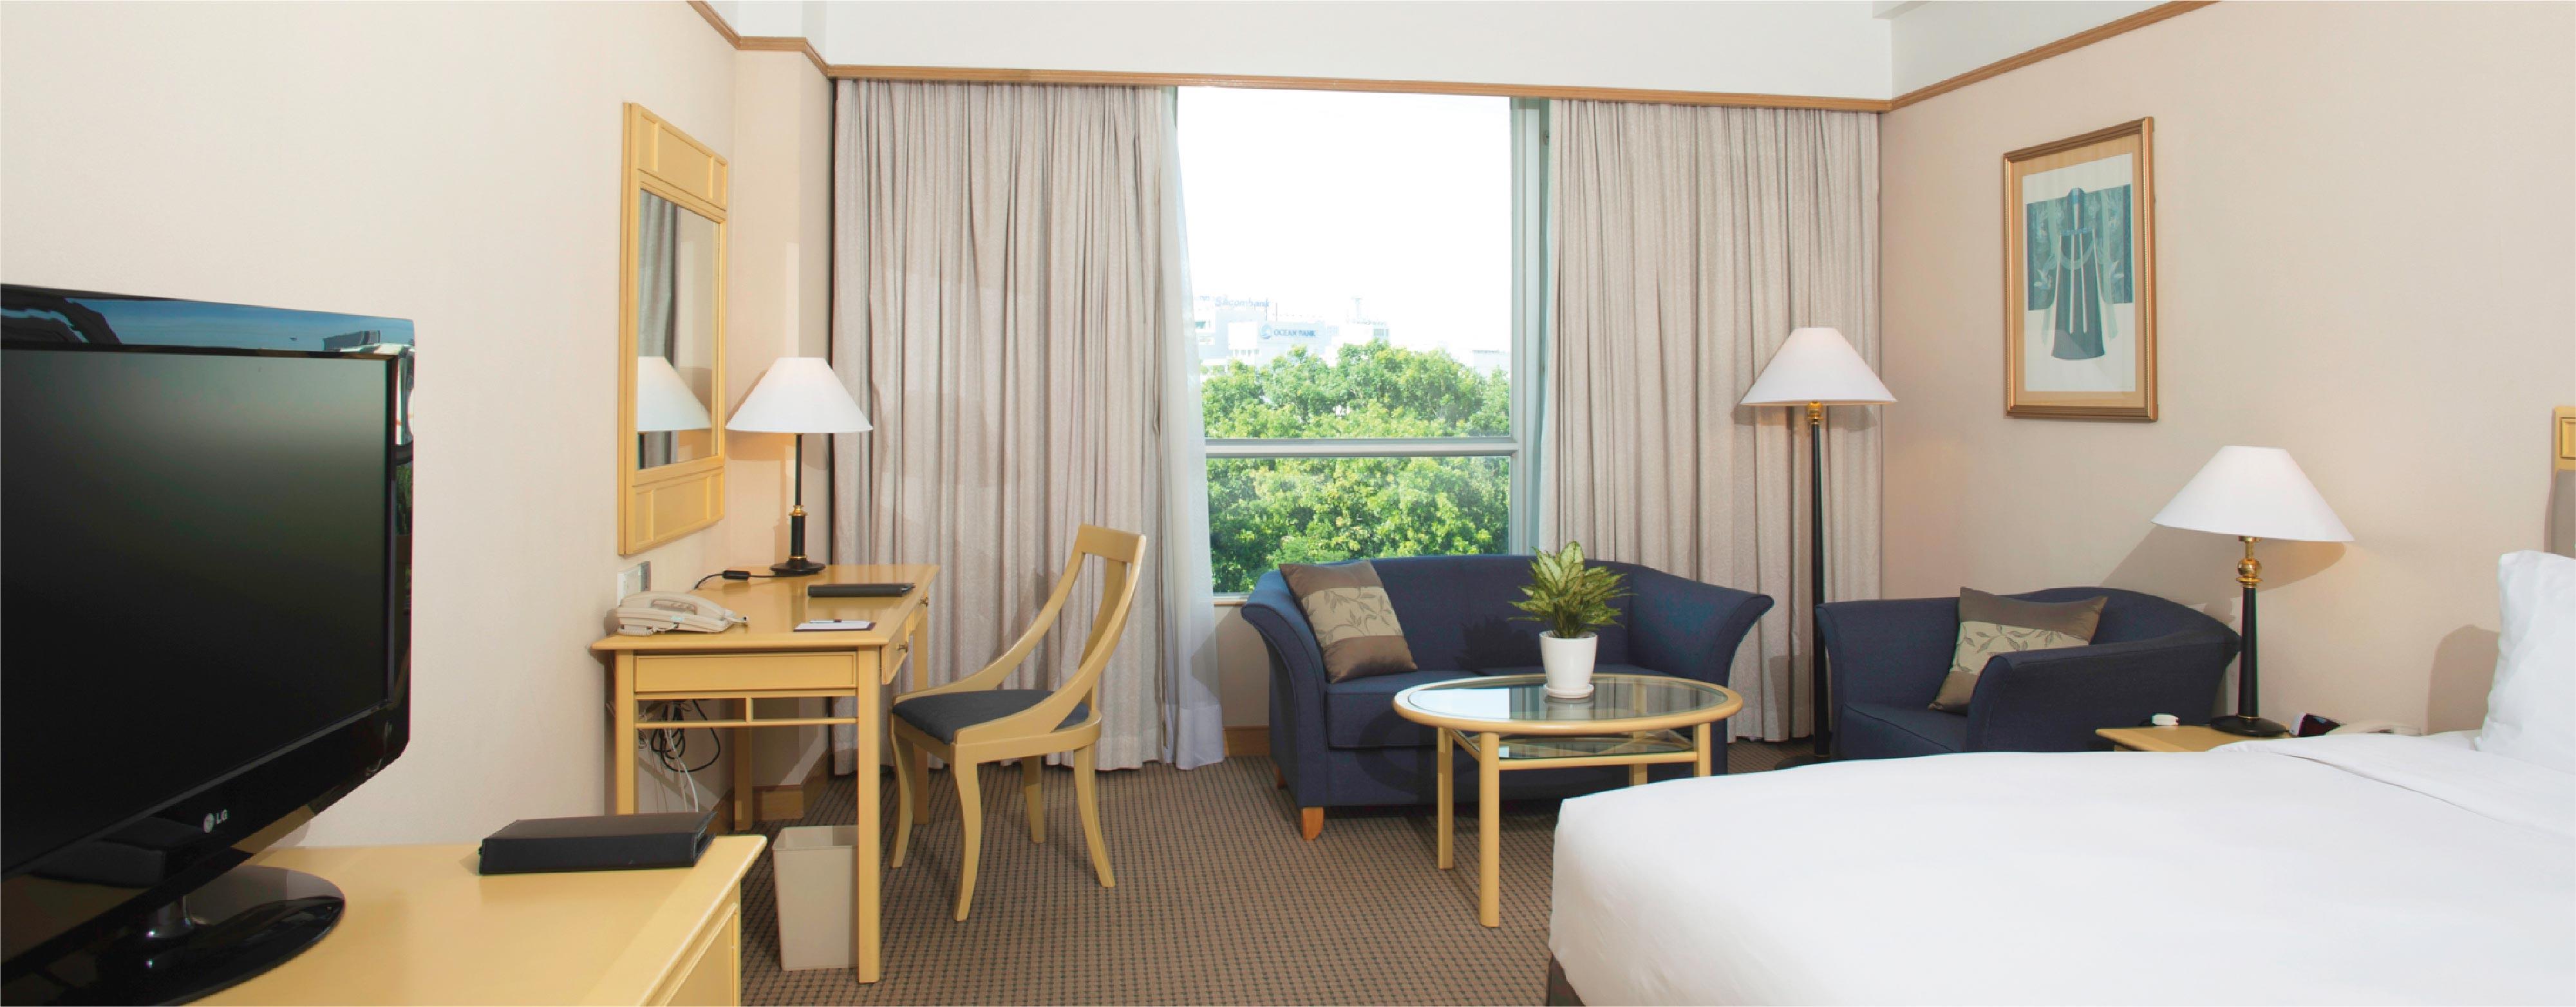 西贡酒店豪华客房